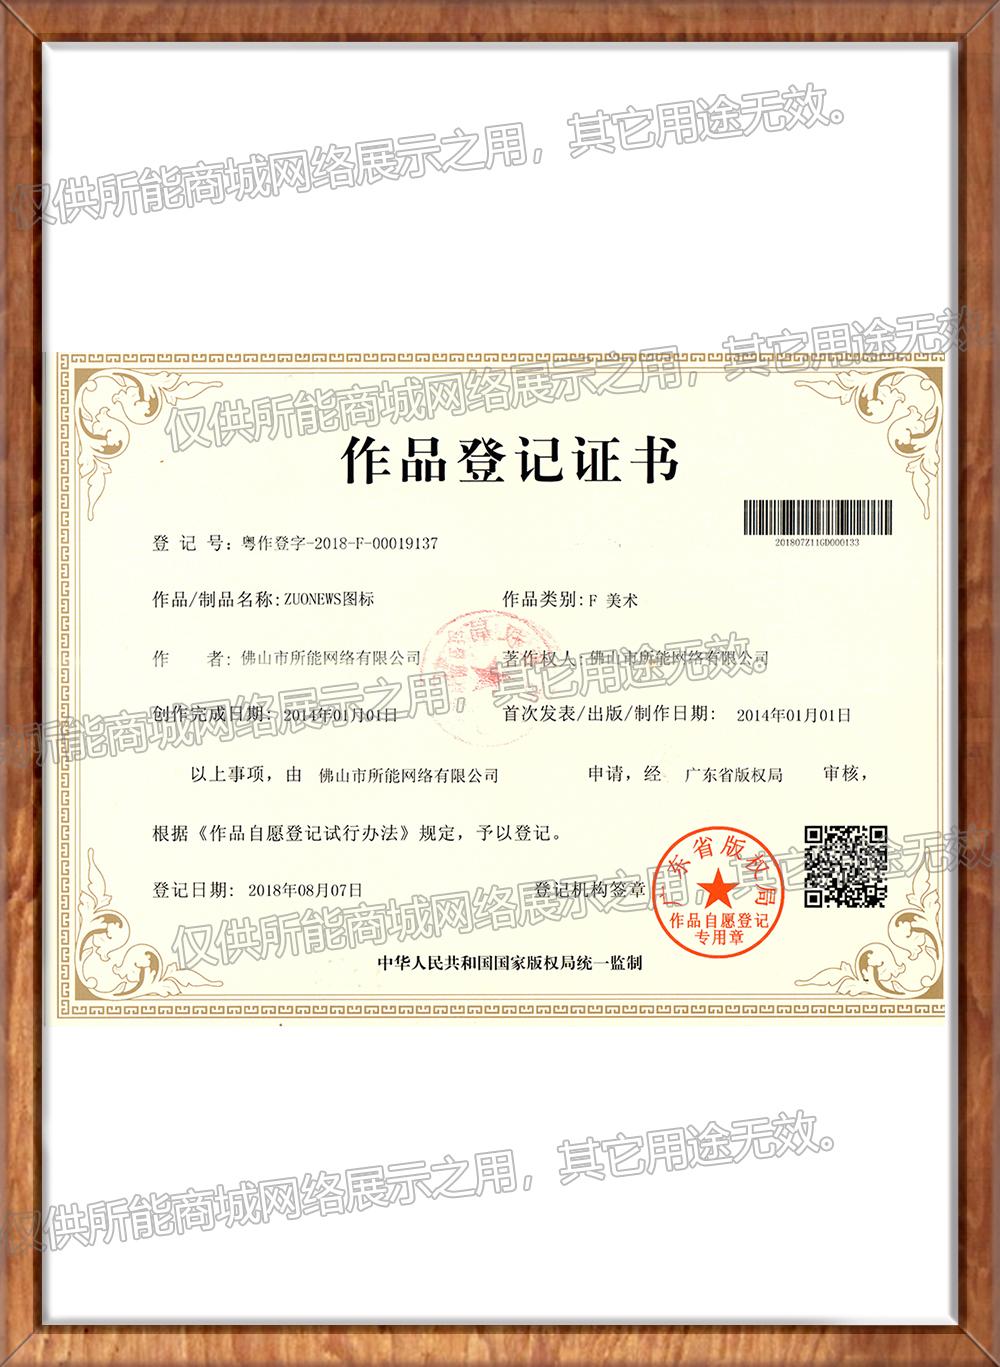 《ZUONEWS图标》作品登记证书